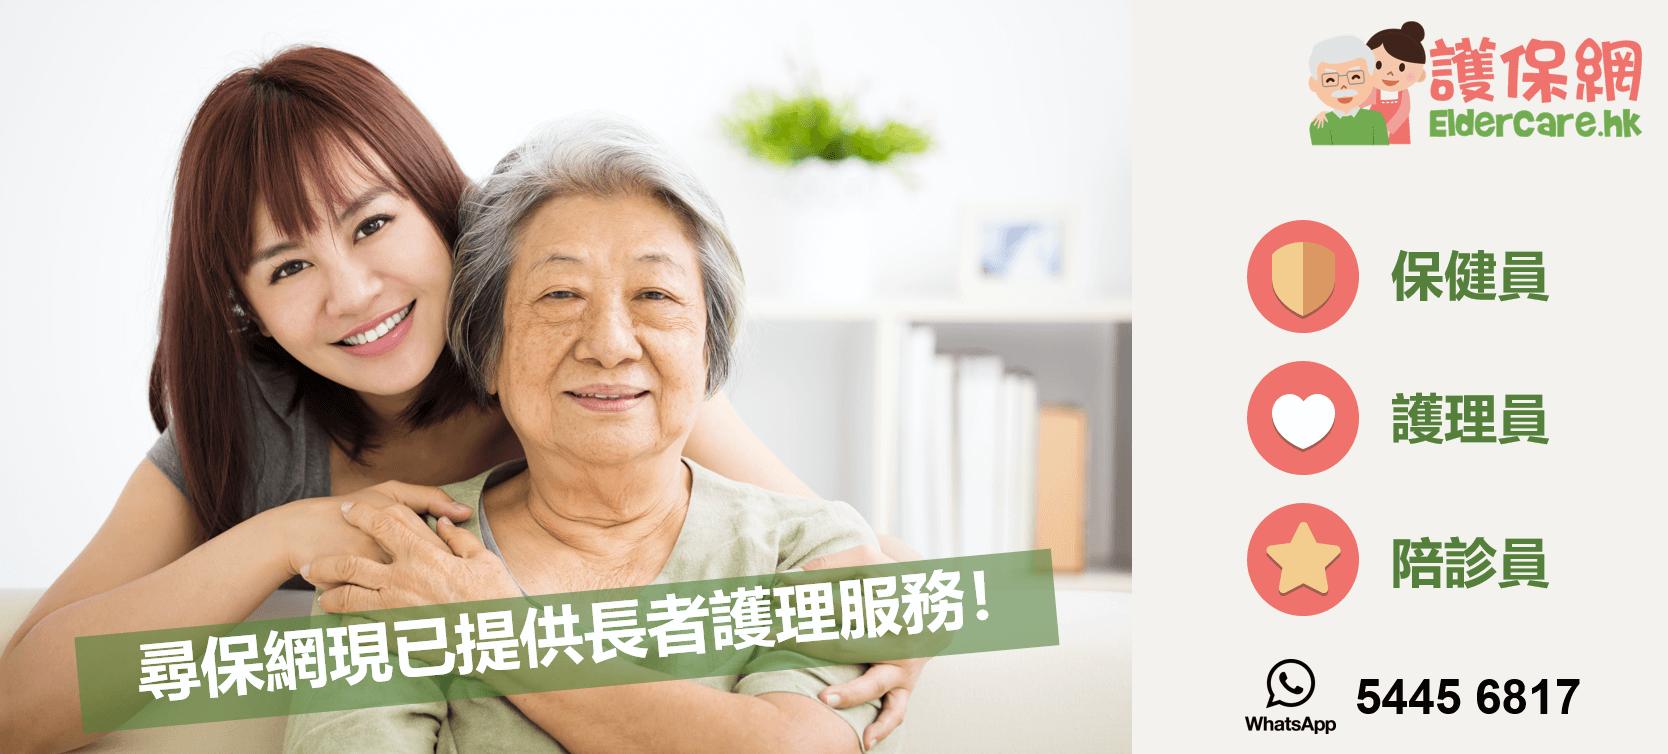 eldercare-長者照顧服務-護理員-保健員